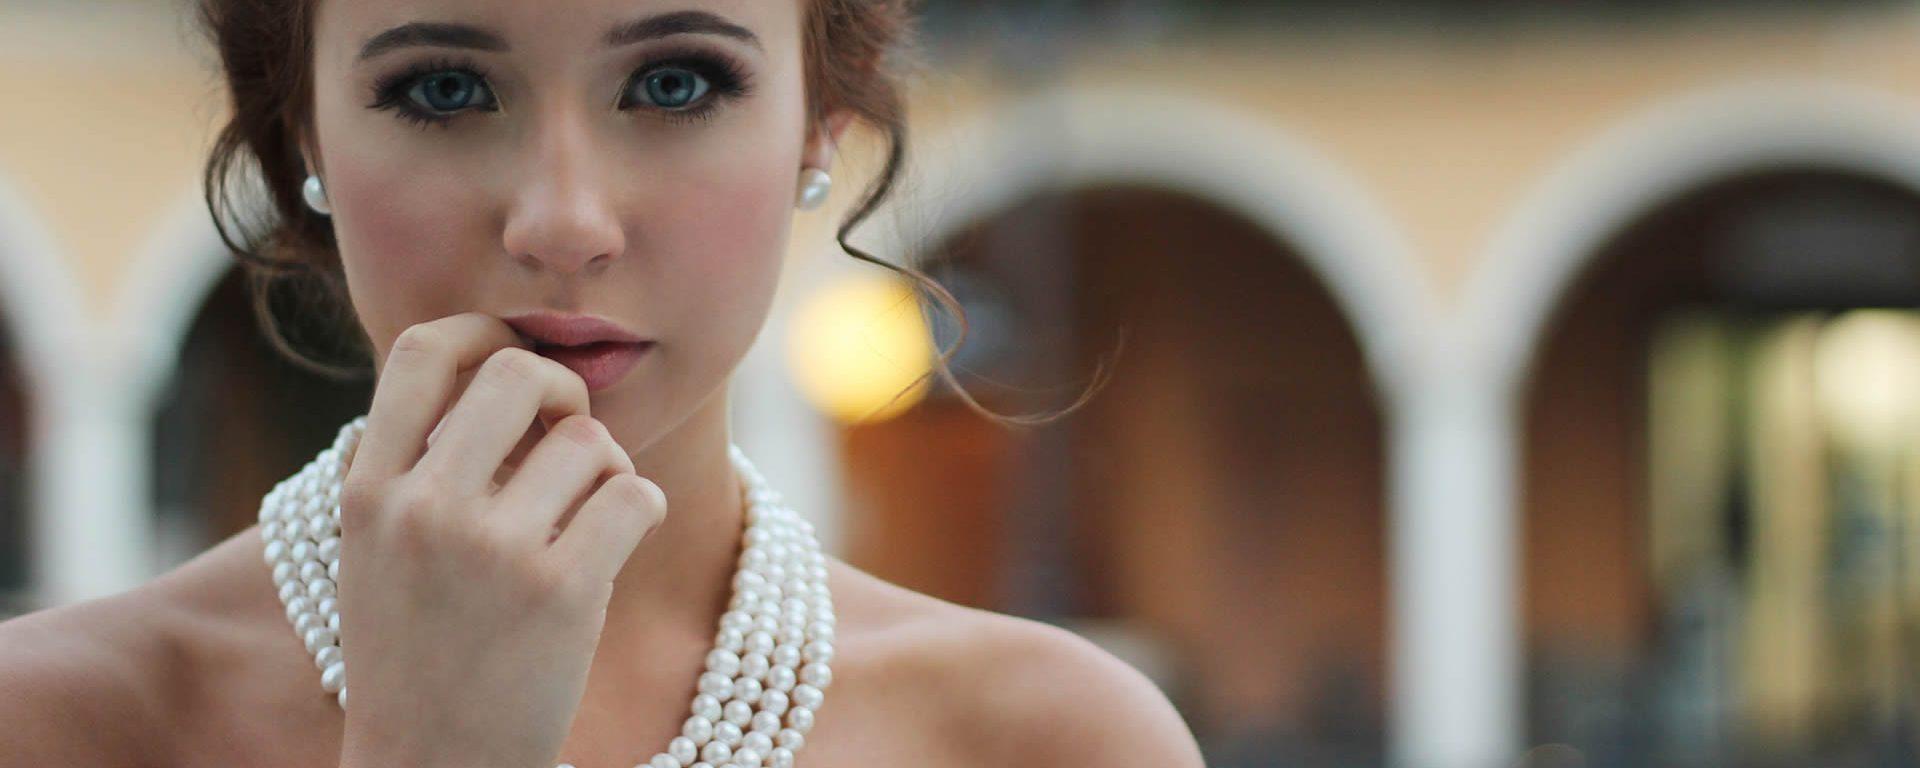 gioielleria-online